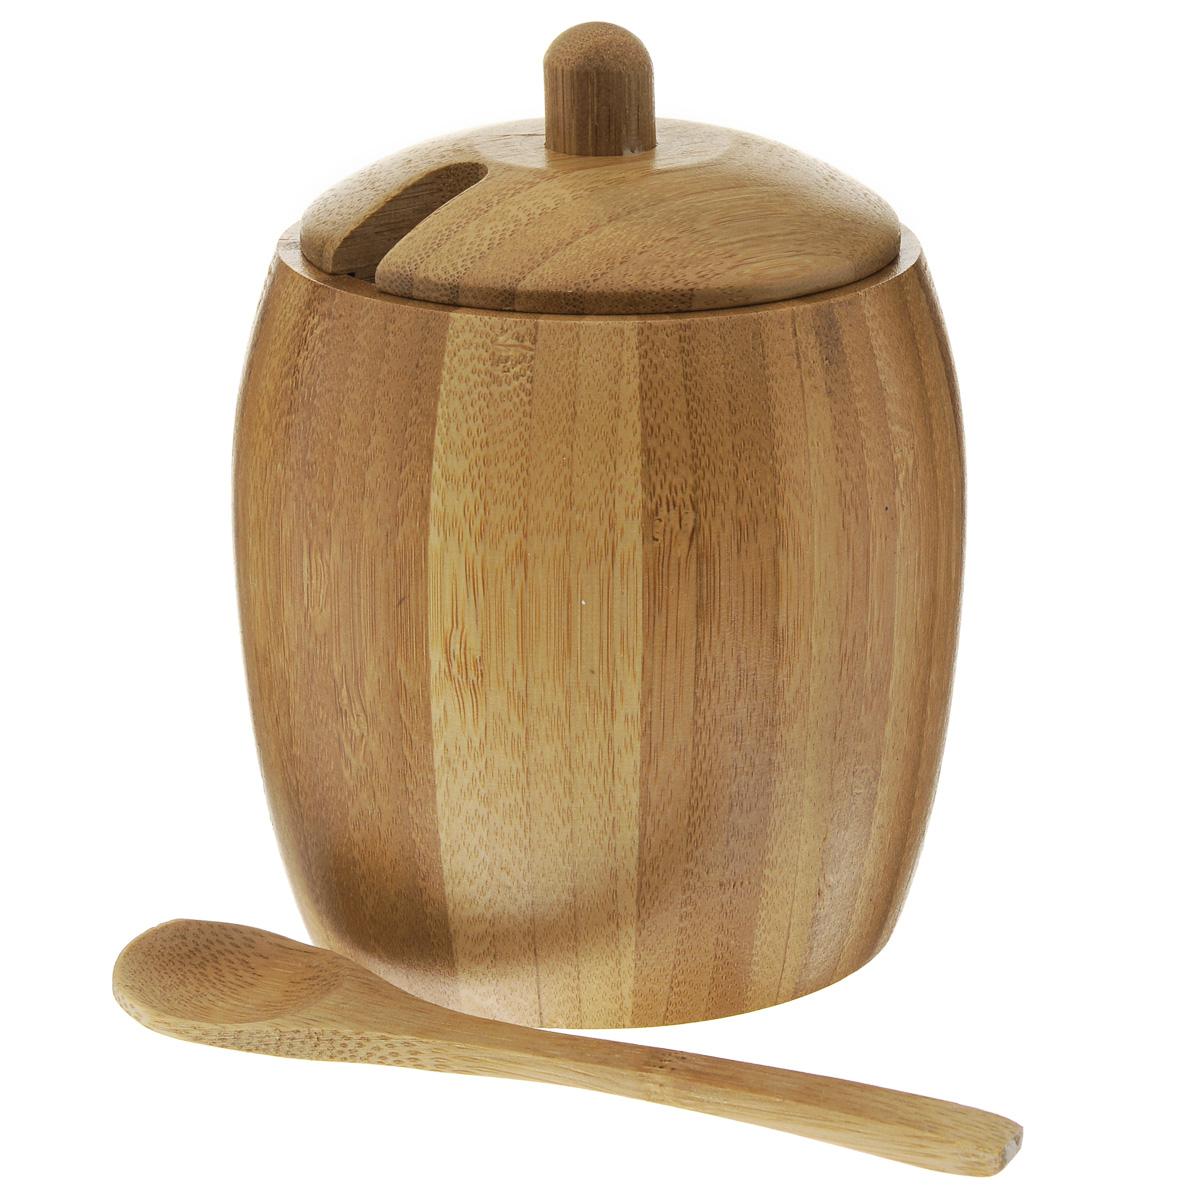 Солонка Green Way с ложкойNL118938Солонка Green Way, изготовленная из дерева, это красочное украшение кухни и отличный подарок хозяйке. Солонка выполнена в форме бочонка с крышкой. Изделие также оснащено удобной ложкой. Функциональная и вместительная, такая солонка станет незаменимым аксессуаром на любой кухне. Нельзя мыть в посудомоечной машине. Диаметр солонки: 7,5 см.Высота солонки (без учета крышки): 10 см.Длина ложки: 13 см.